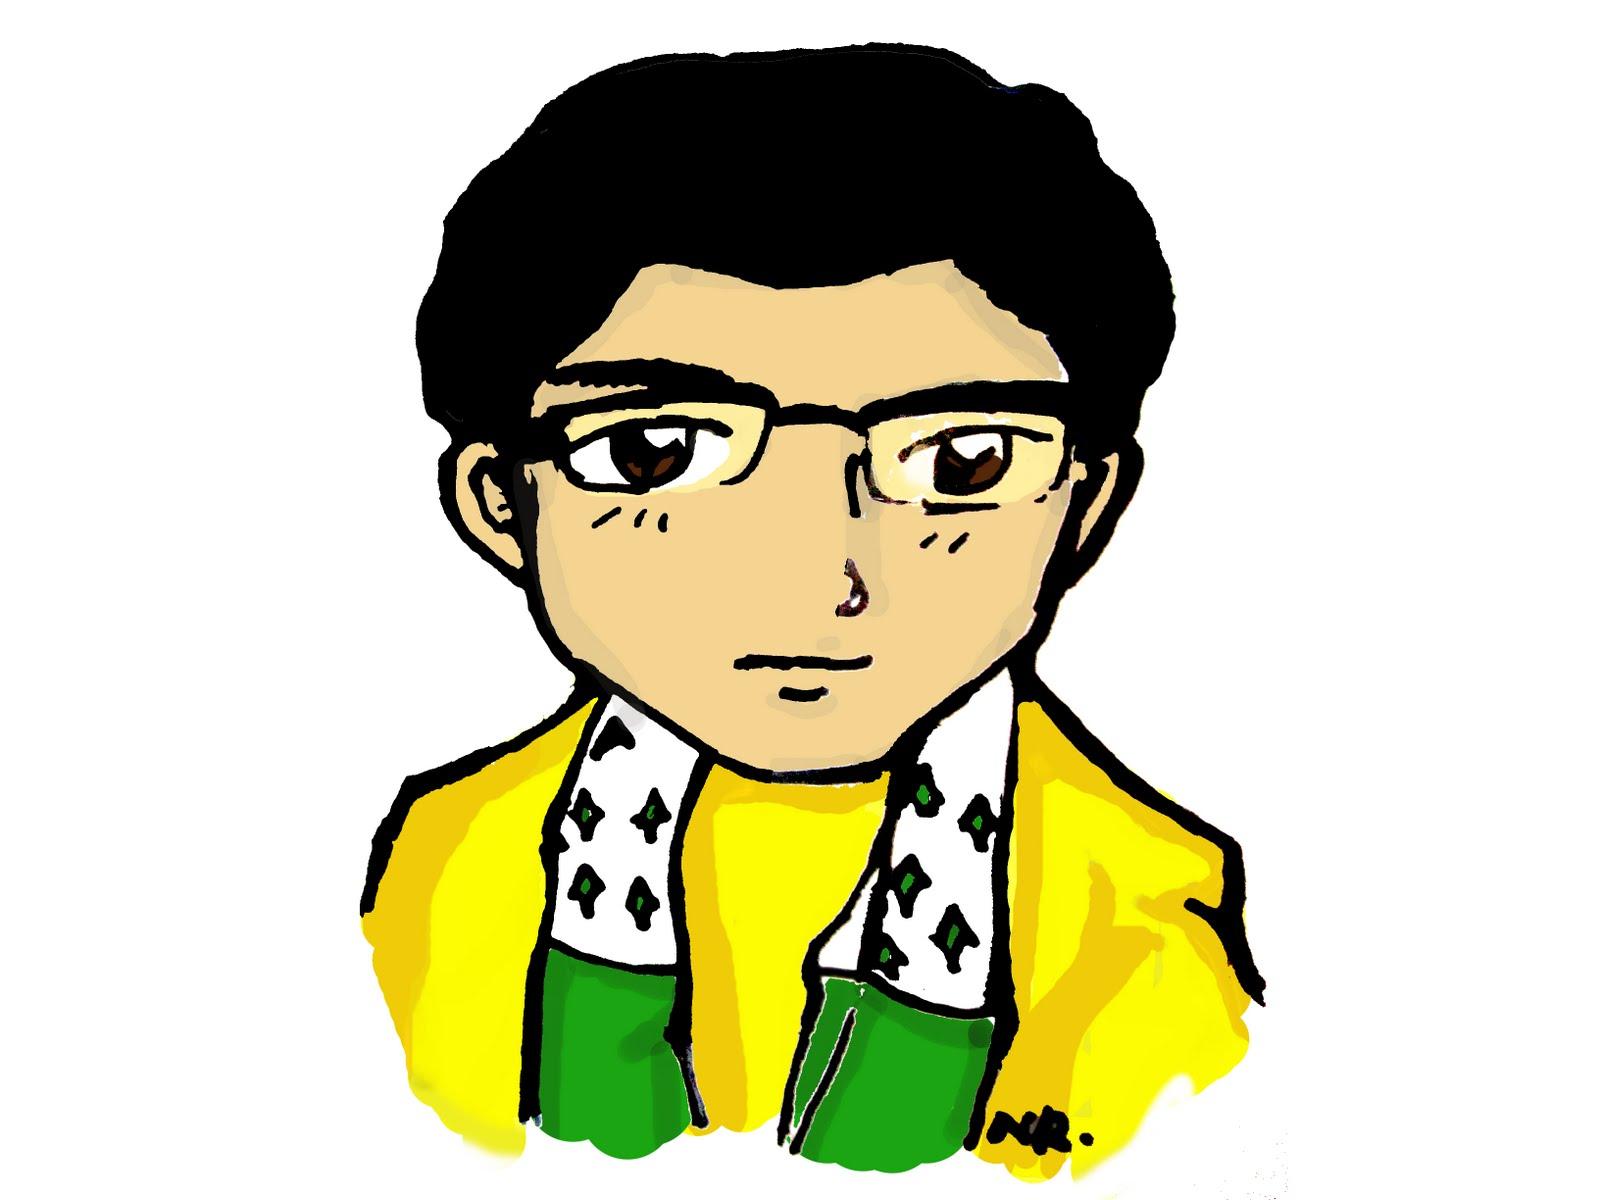 Kartun Muslim Pria Kolek Gambar